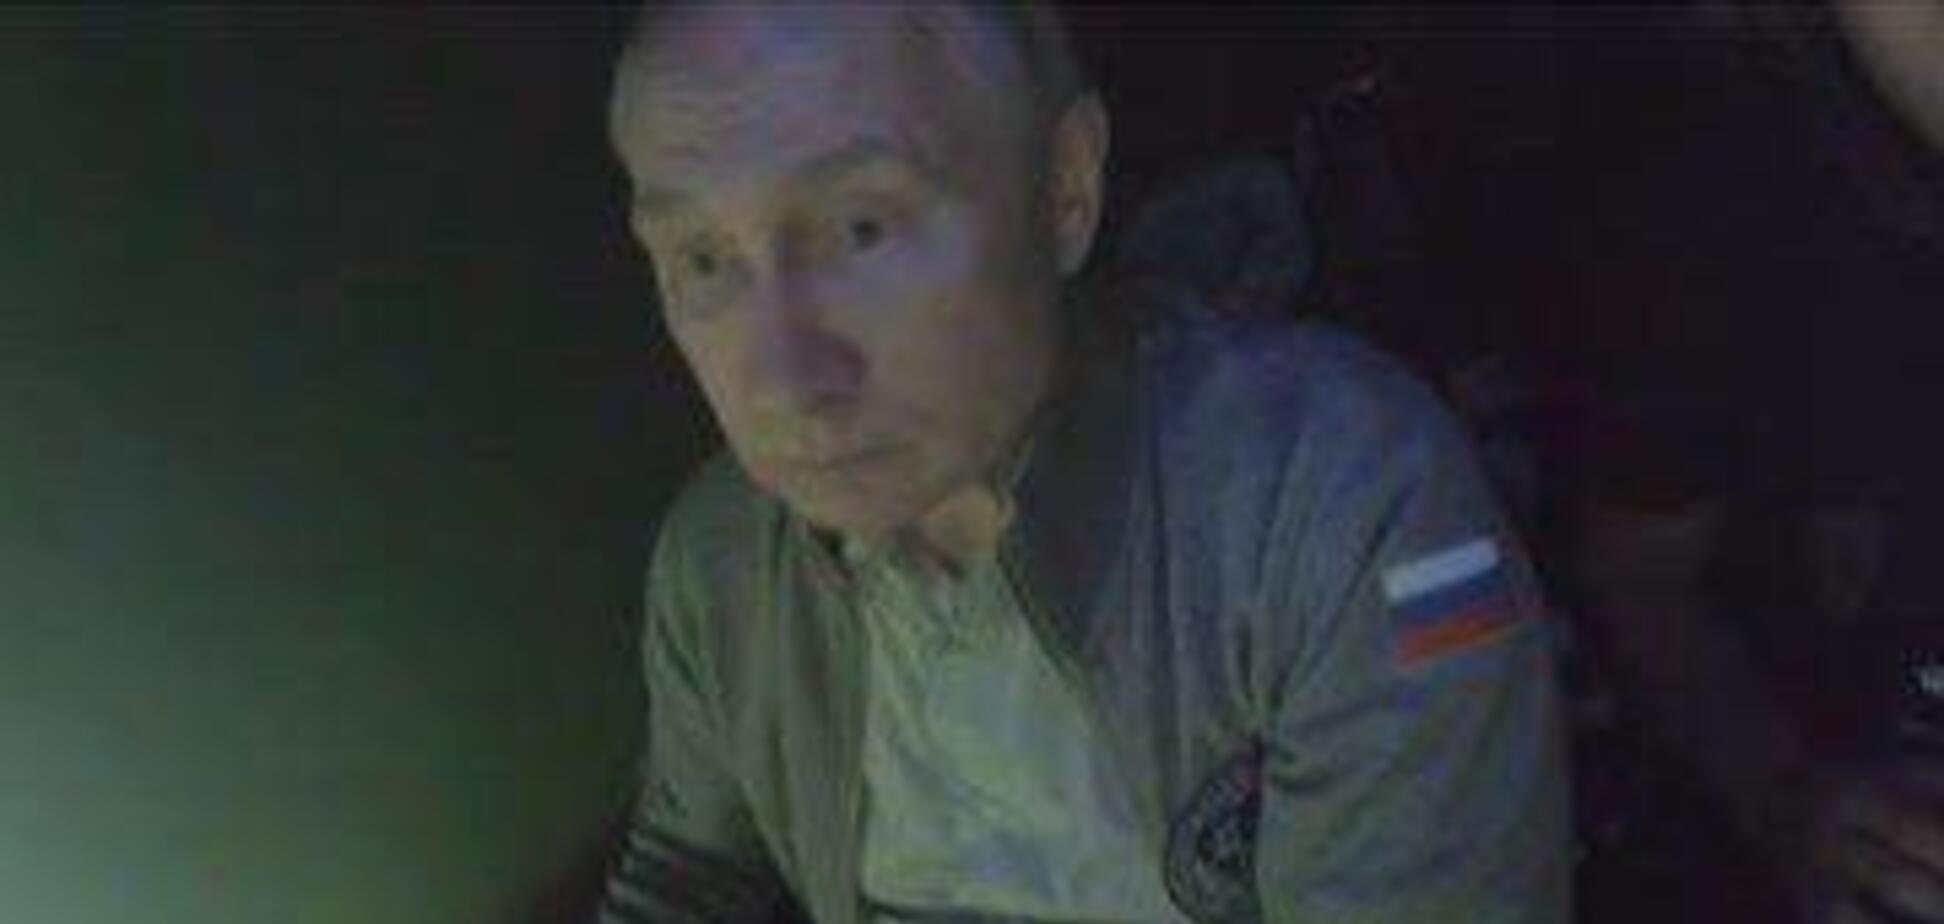 'Совсем плохо выглядит': в сети разгорелся ажиотаж из-за 'пробившего дно' Путина